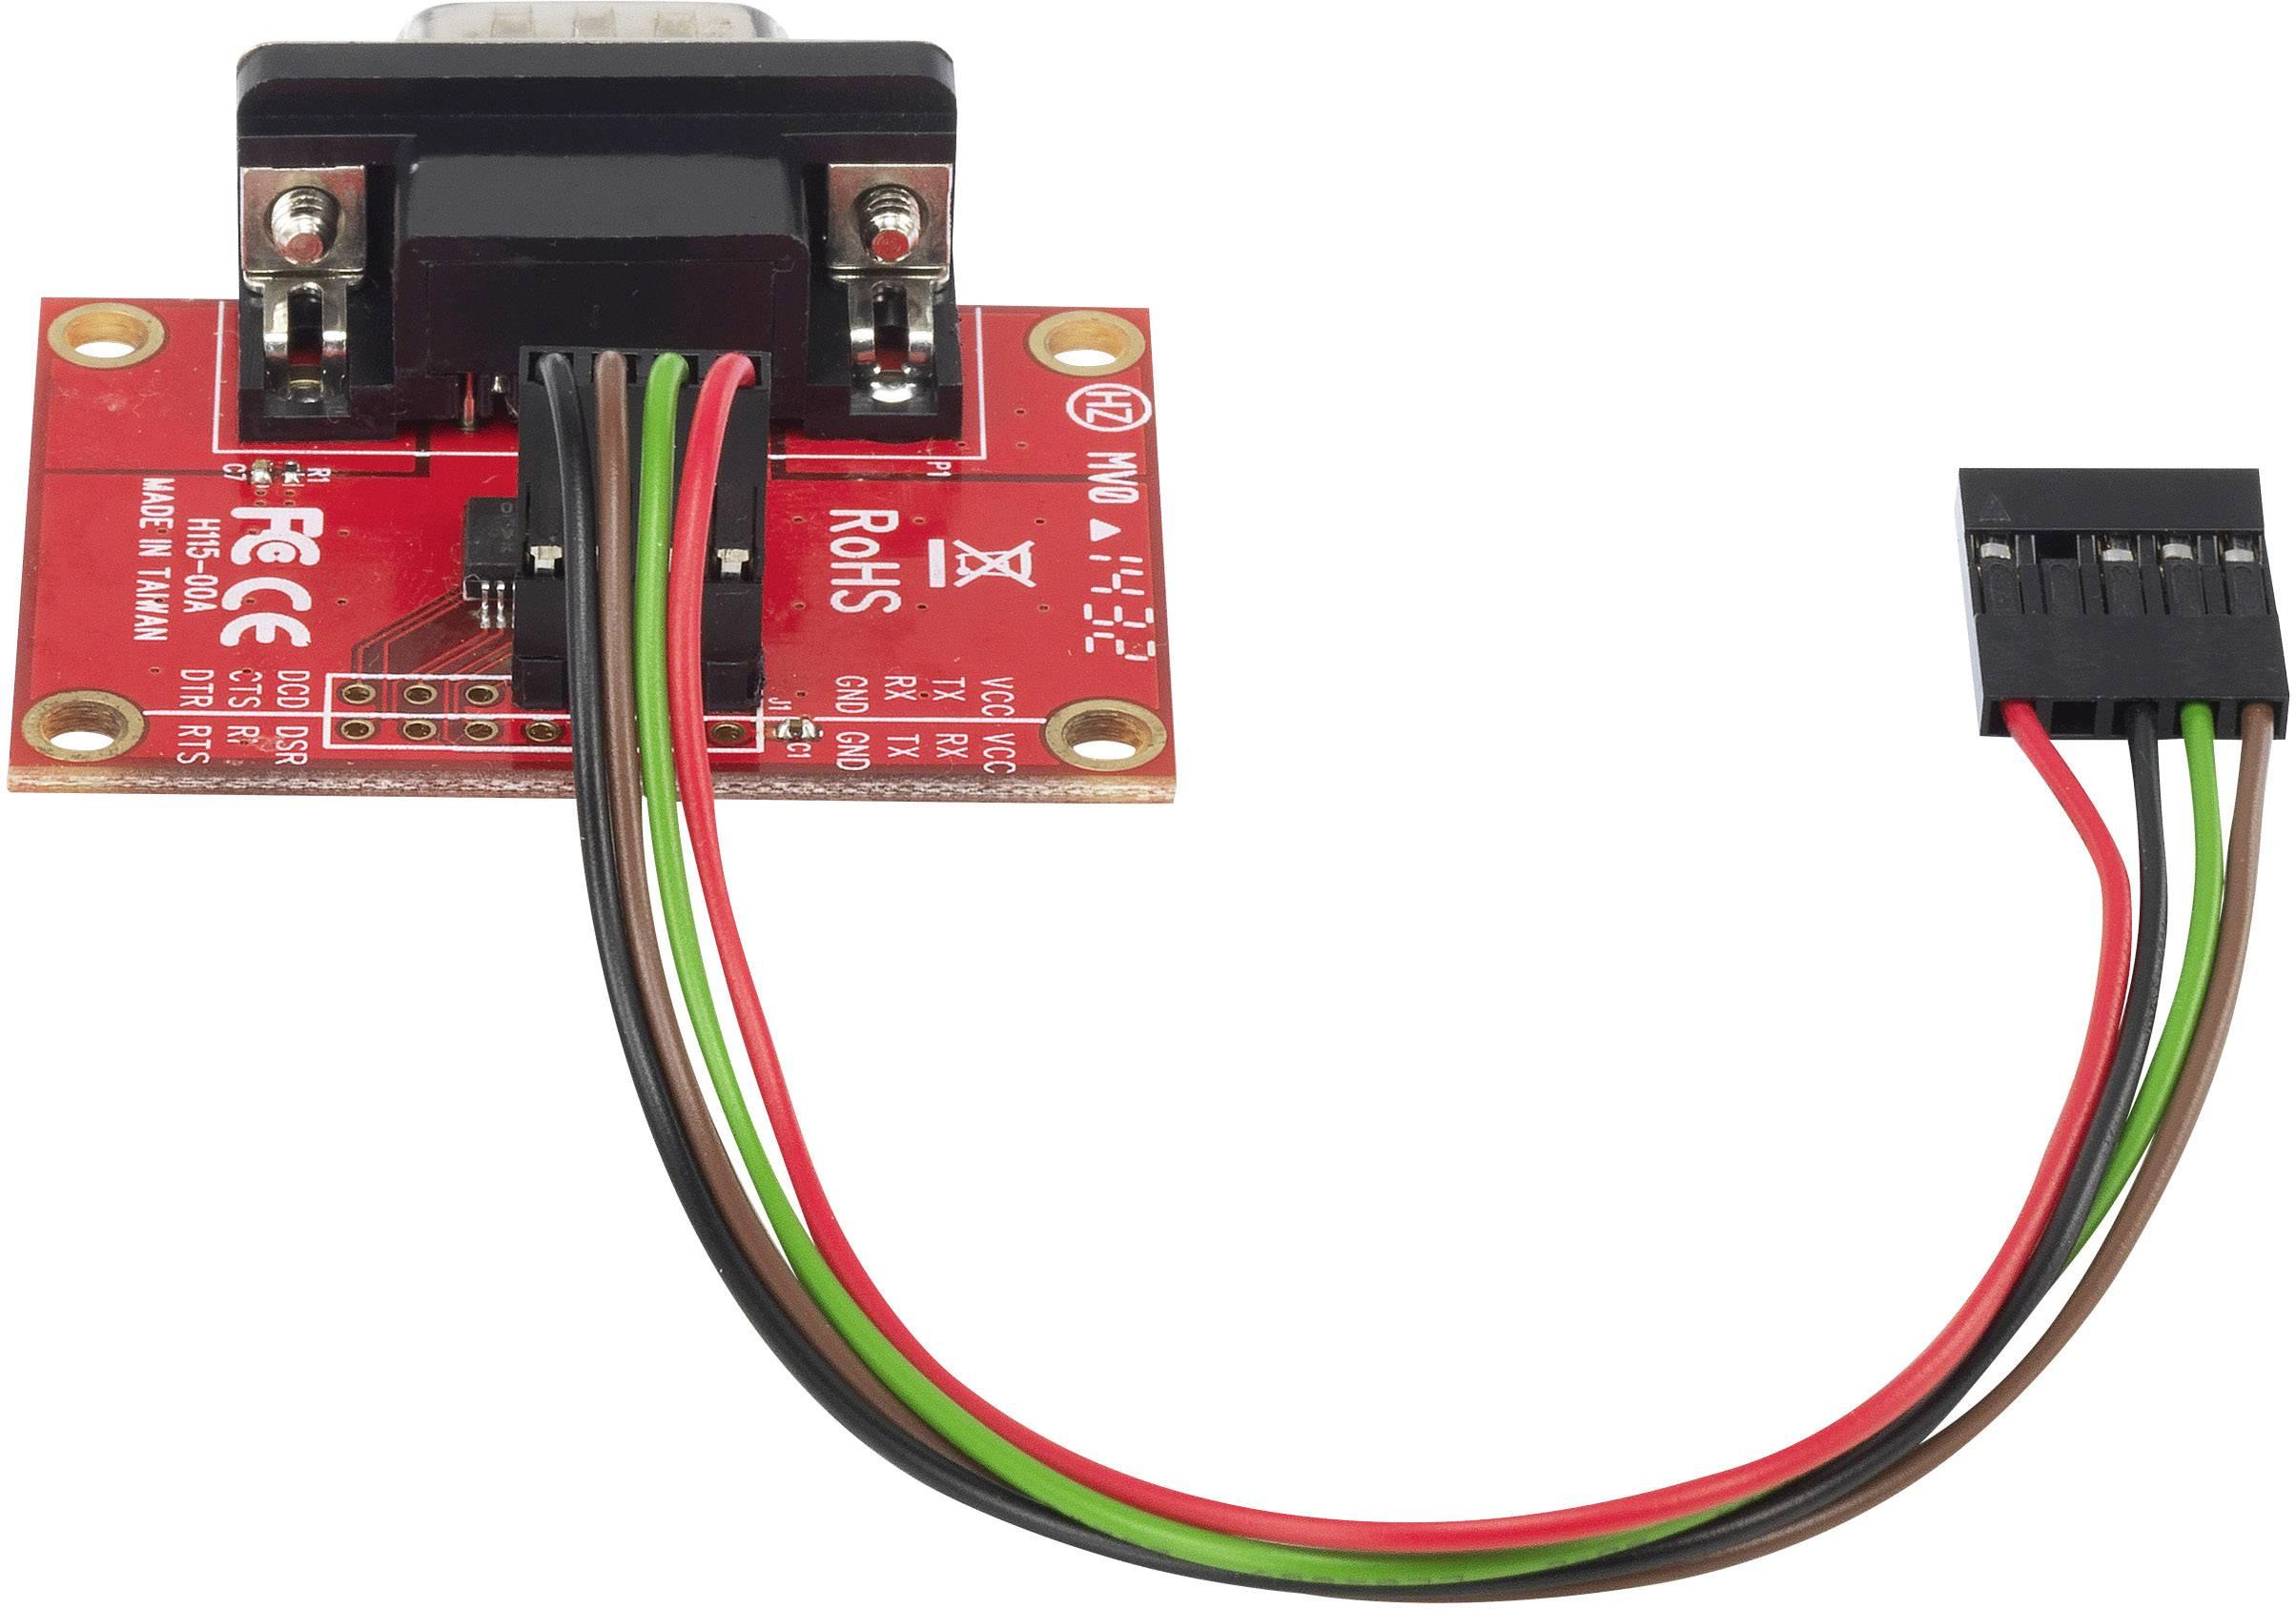 Adaptér pro připojení rozhraní RS 232 do mini počítač Raspberry Pi